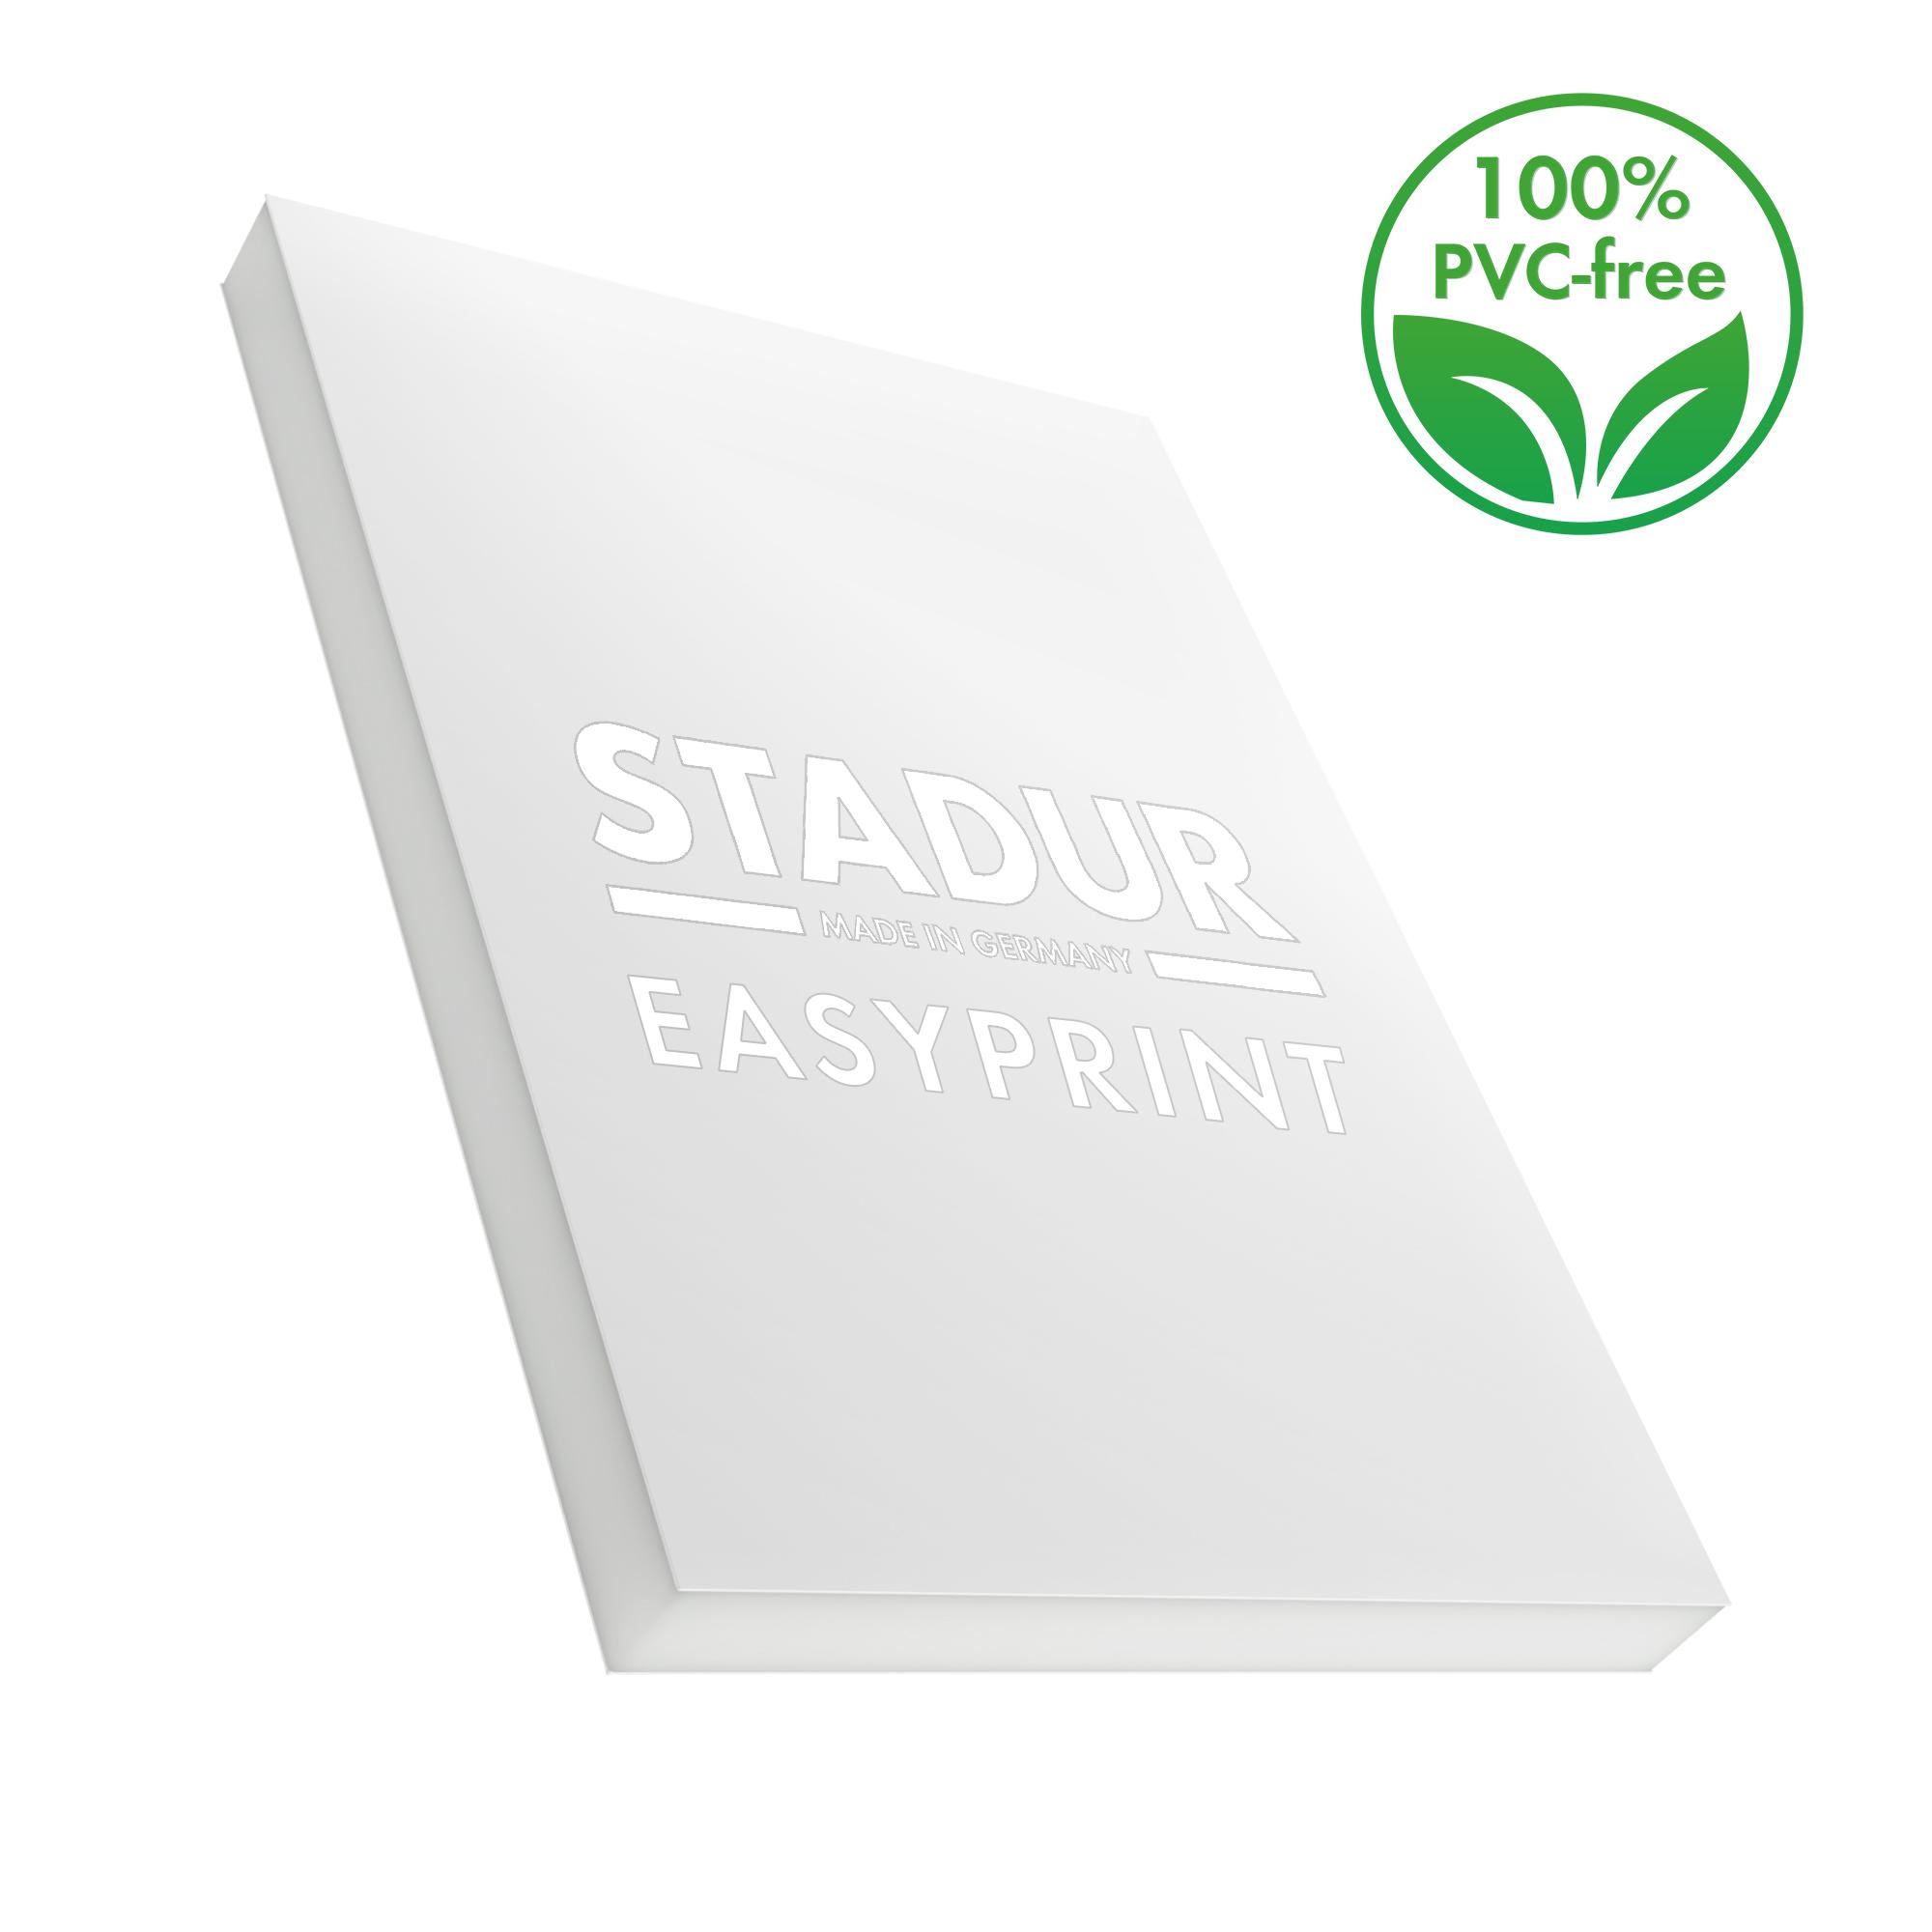 Lightweight Foam Board Viscom Sign Easyprint Stadur